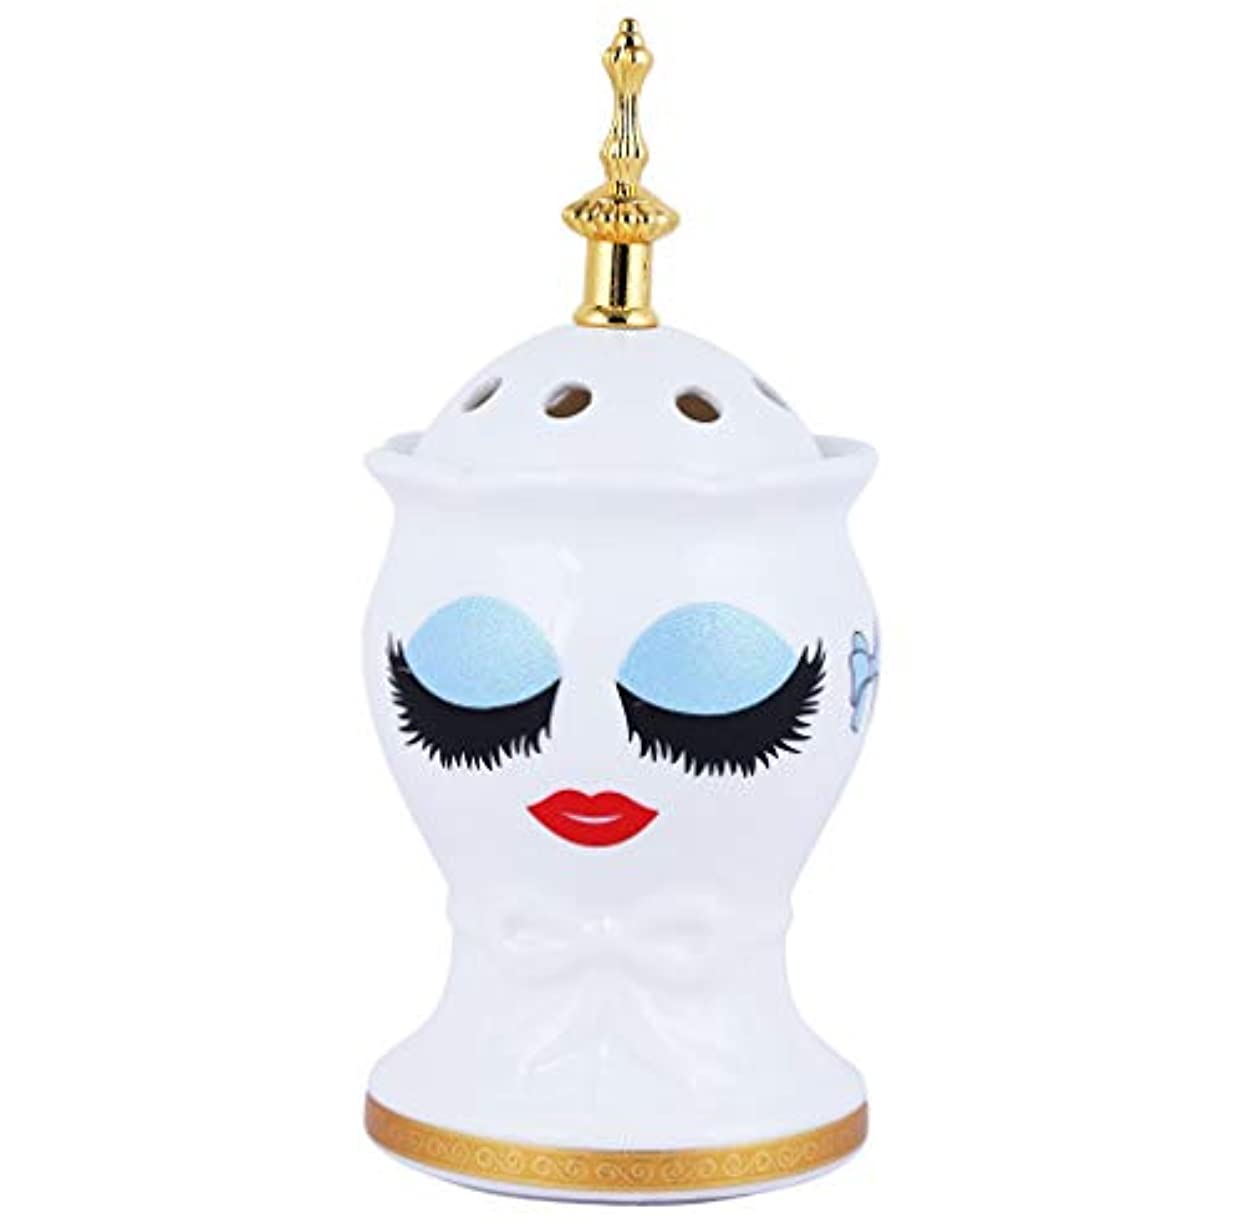 大思慮のないアンタゴニストNexxa Beautiful Ceramic Incense Bakhoor/Oud Burner Frankincense Incense Holder with Attractive Eyes, Non Electric...